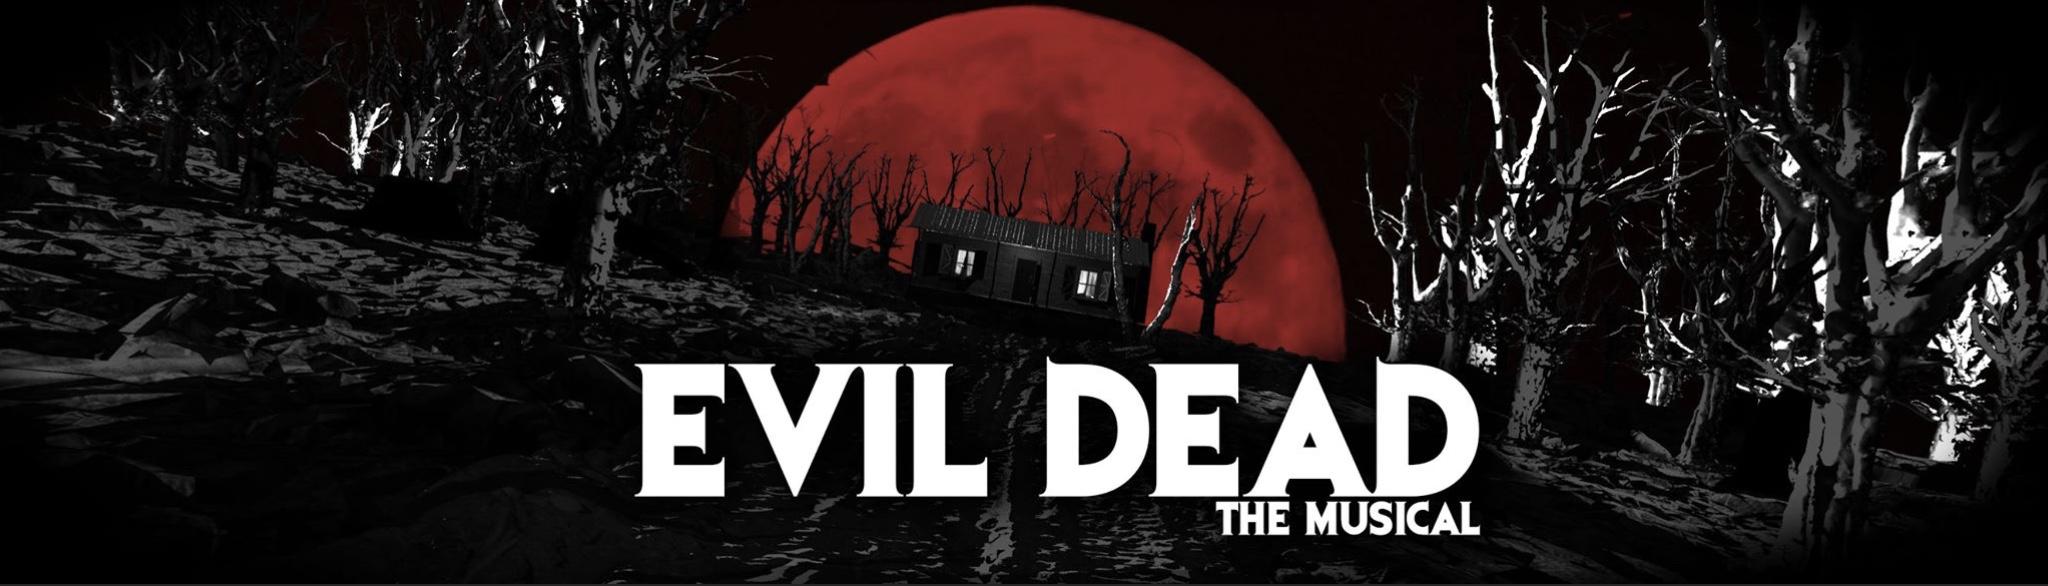 Evil-Dead-HD-logo